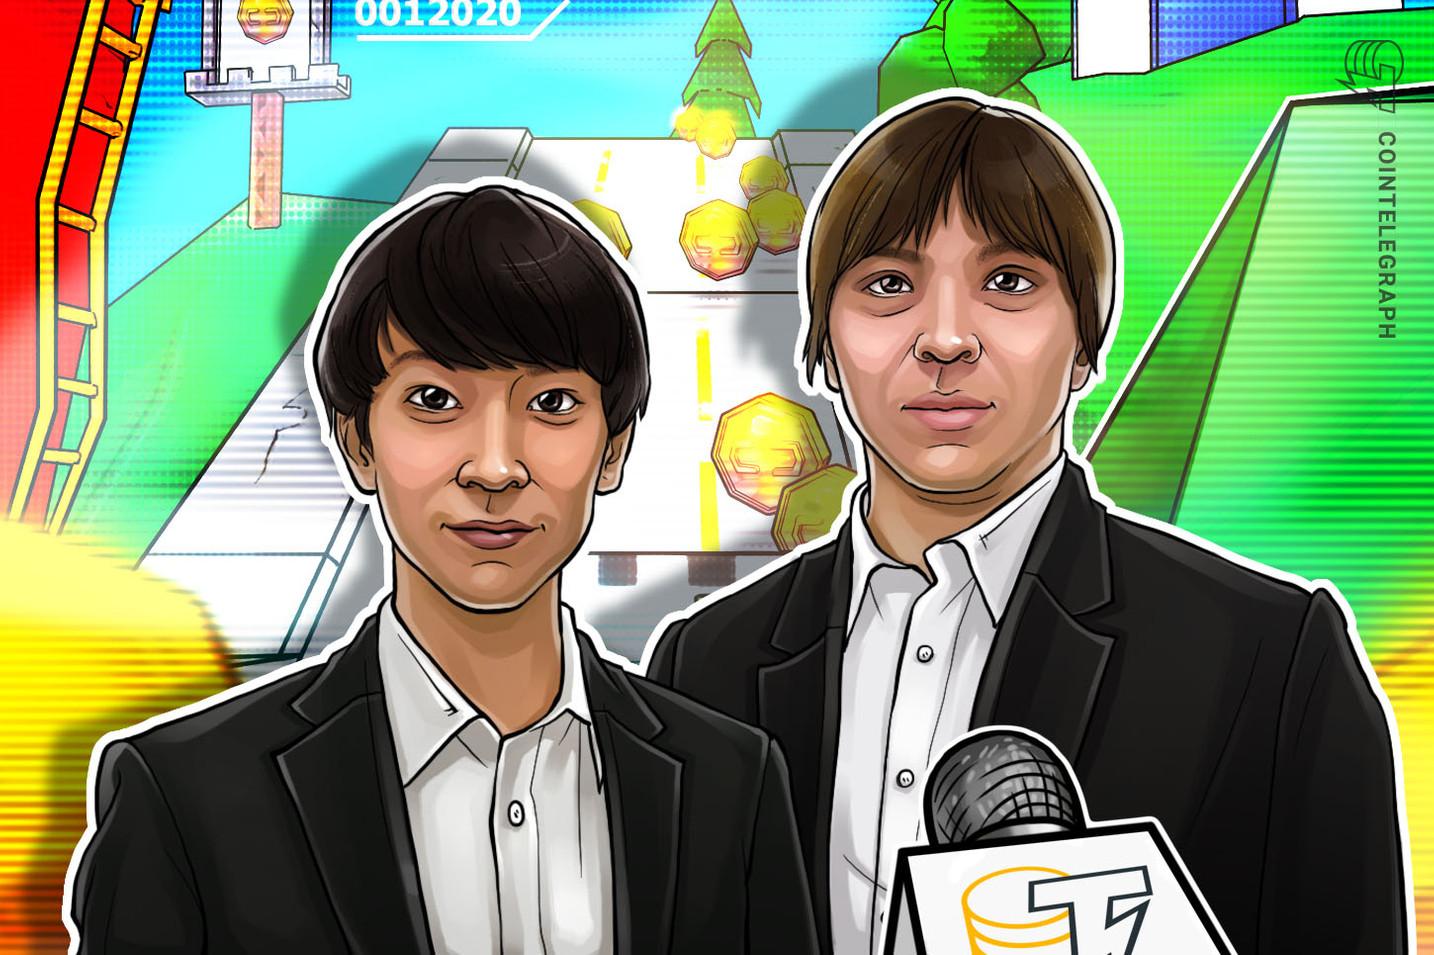 ゲームへの「愛情」が評価される時代  仮想通貨業界の教訓活かせるか?| 日本発NFTオークションサイト「ロス ドラドス」誕生